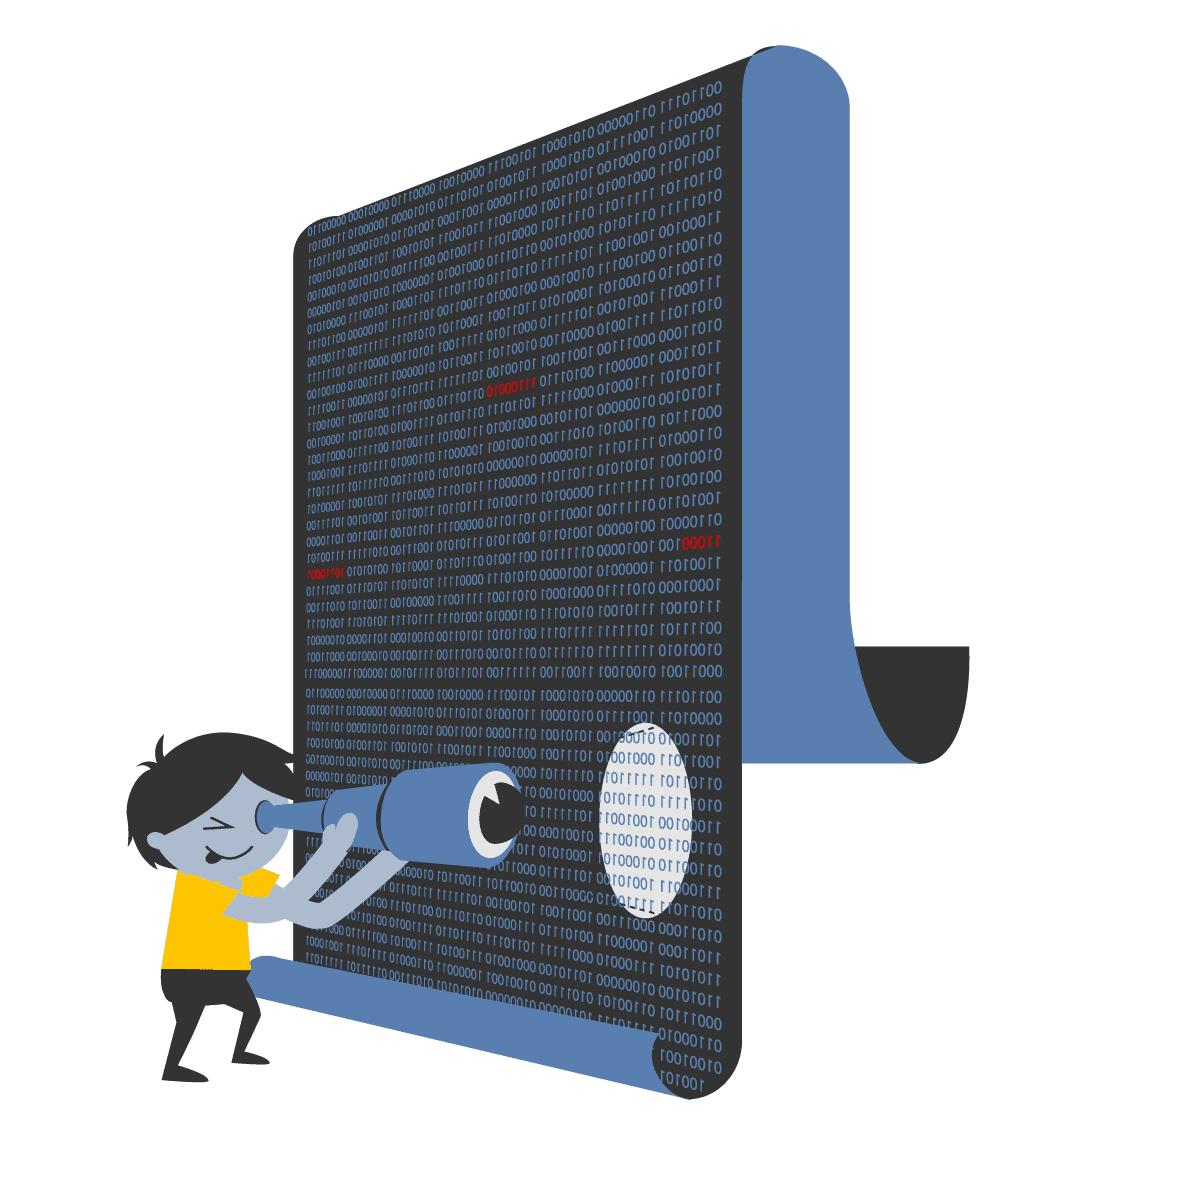 WATS Monitoring and analytics